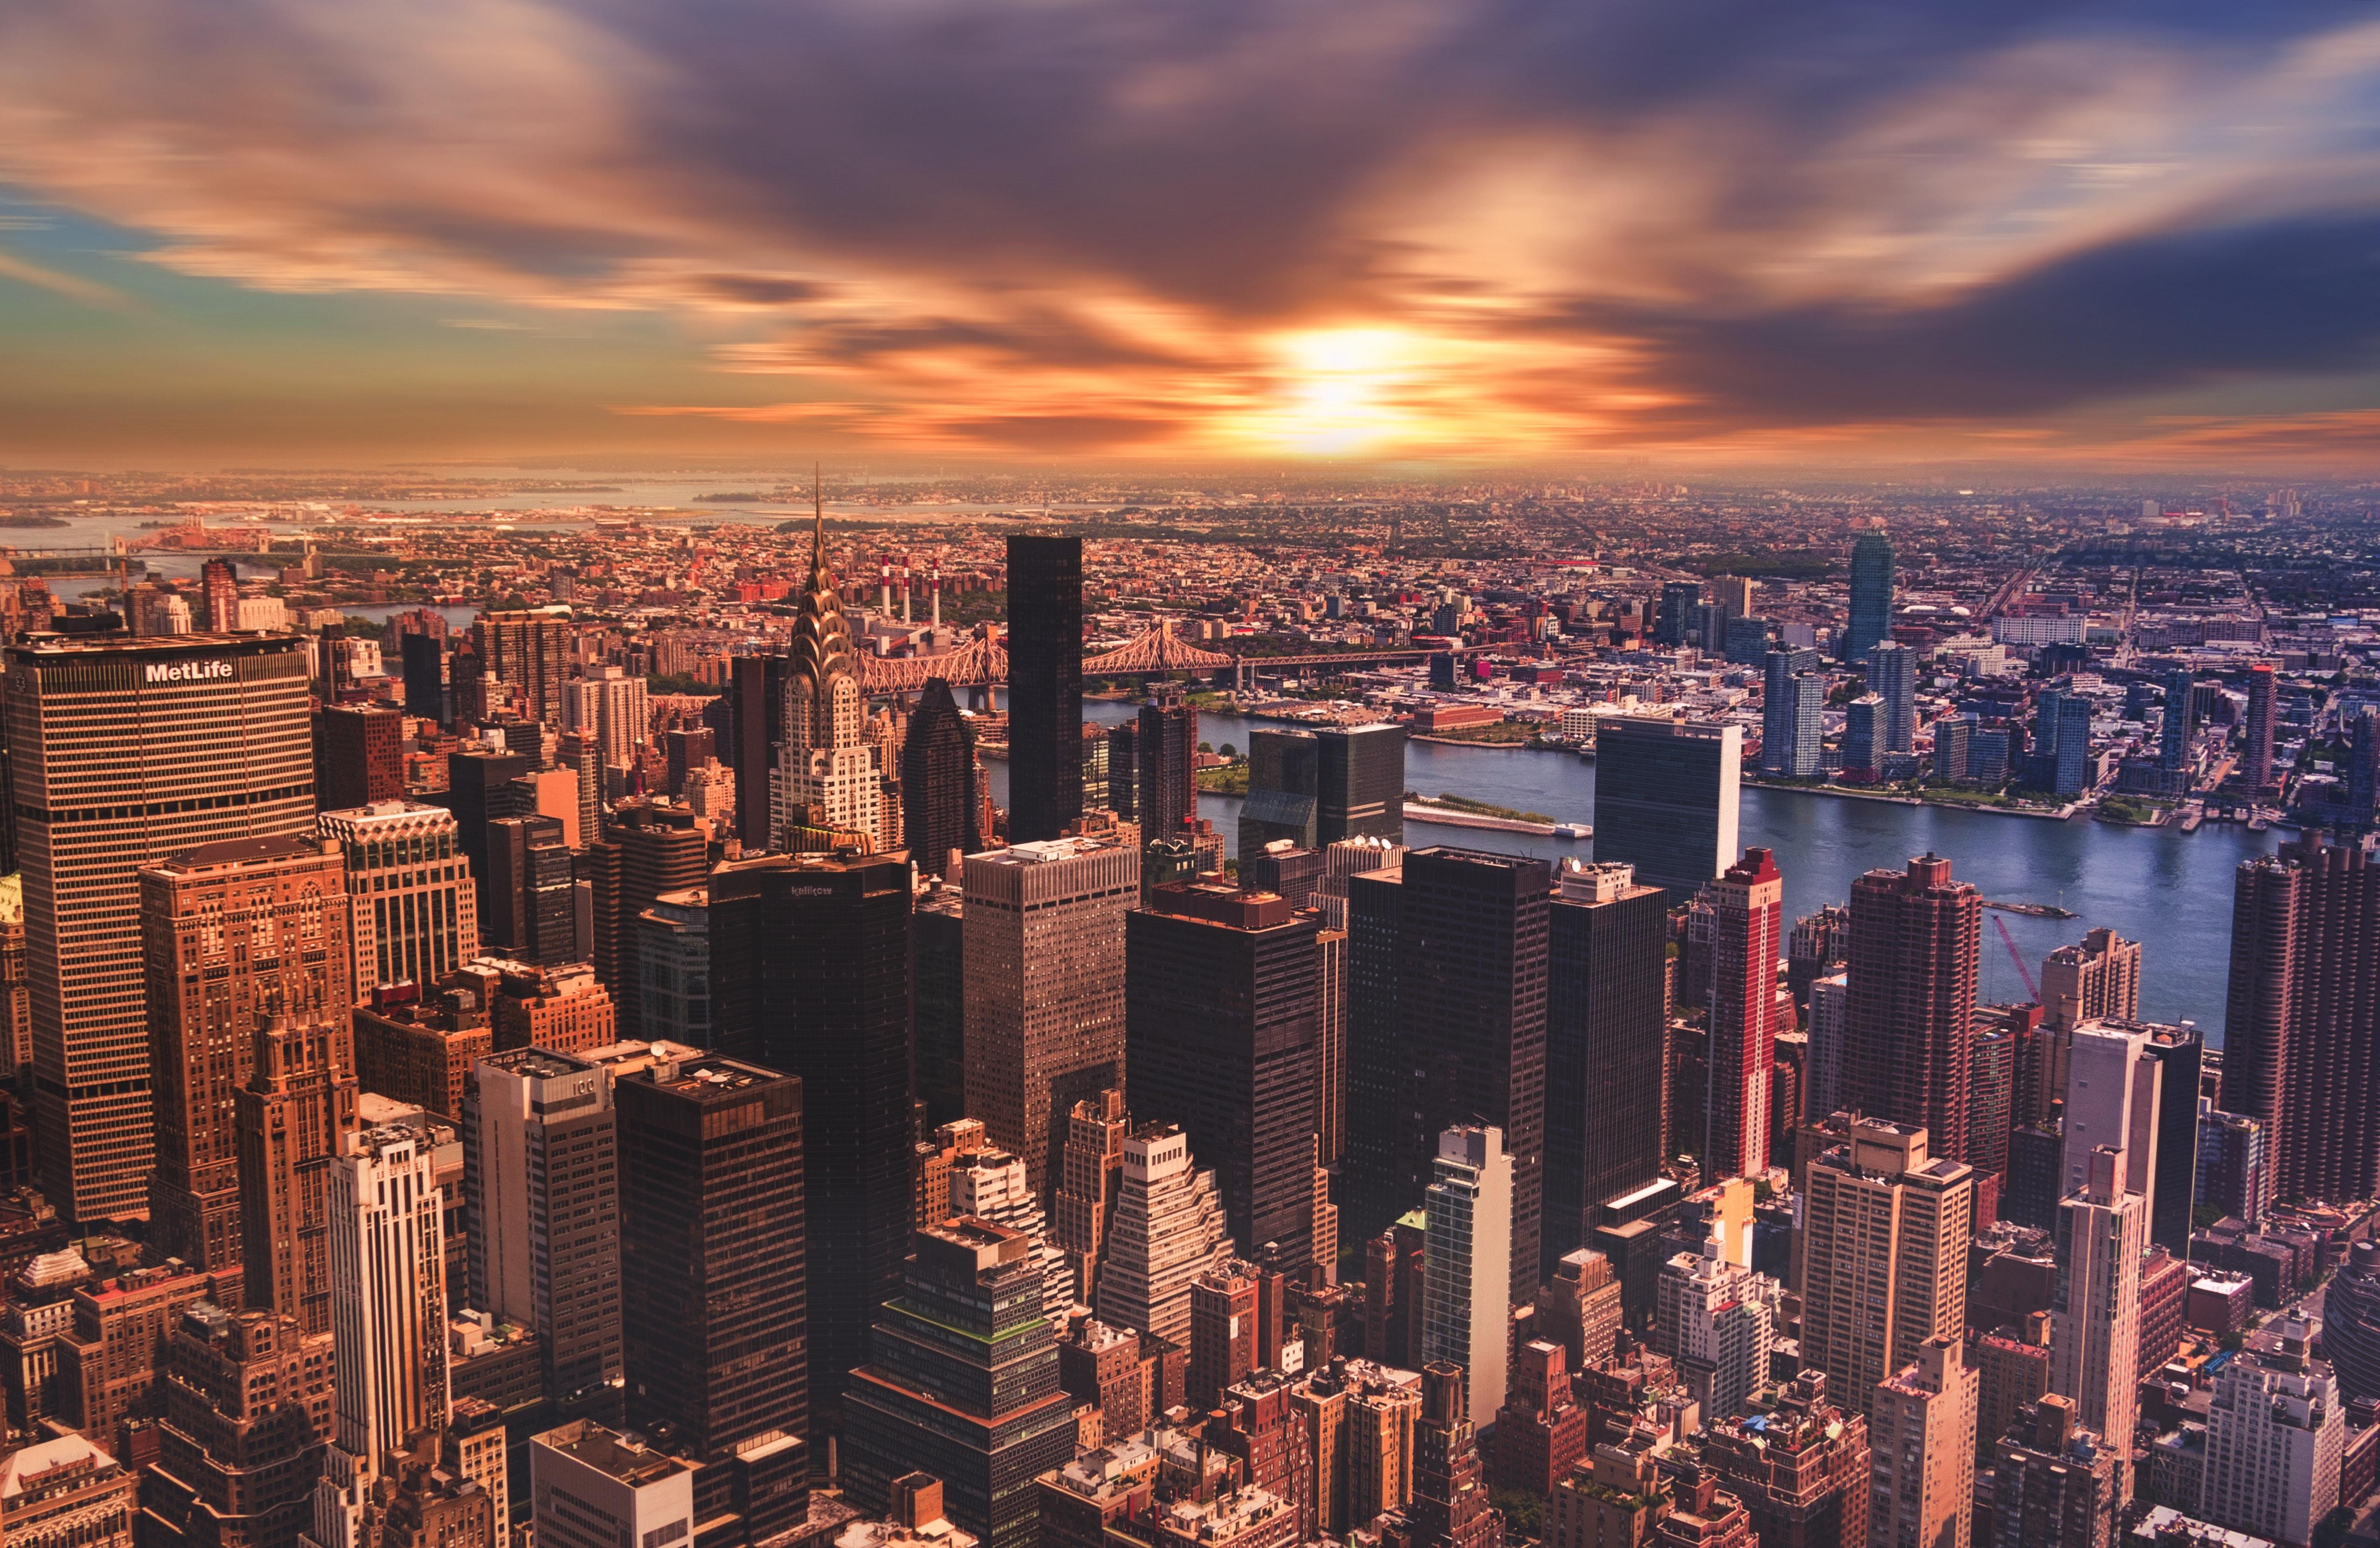 Jaký je nejlepší způsob, jak si prohlédnout místo Wall Street?